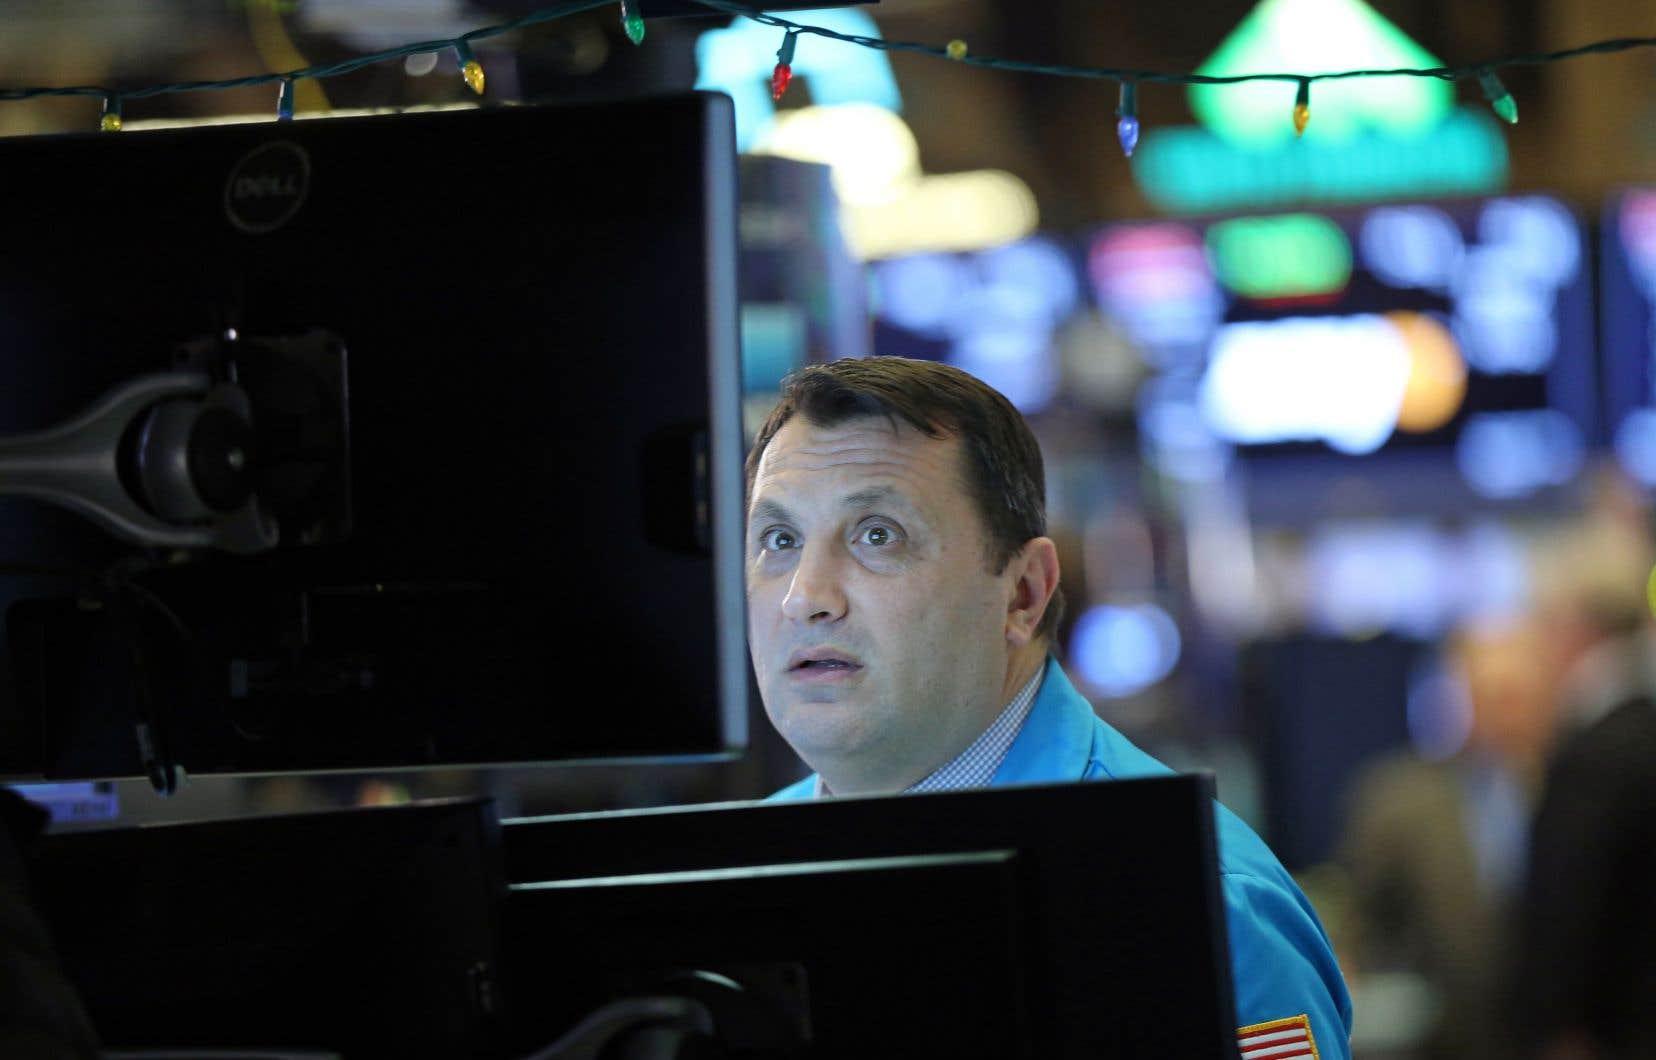 Le Nasdaq a terminé en baisse de 3,7% à 6798,15, le S&P 500, plus large baromètre du marché, a reculé de 3,2% à 2702,30 et le Dow Jones a cédé 3,1% à 25 045,90.